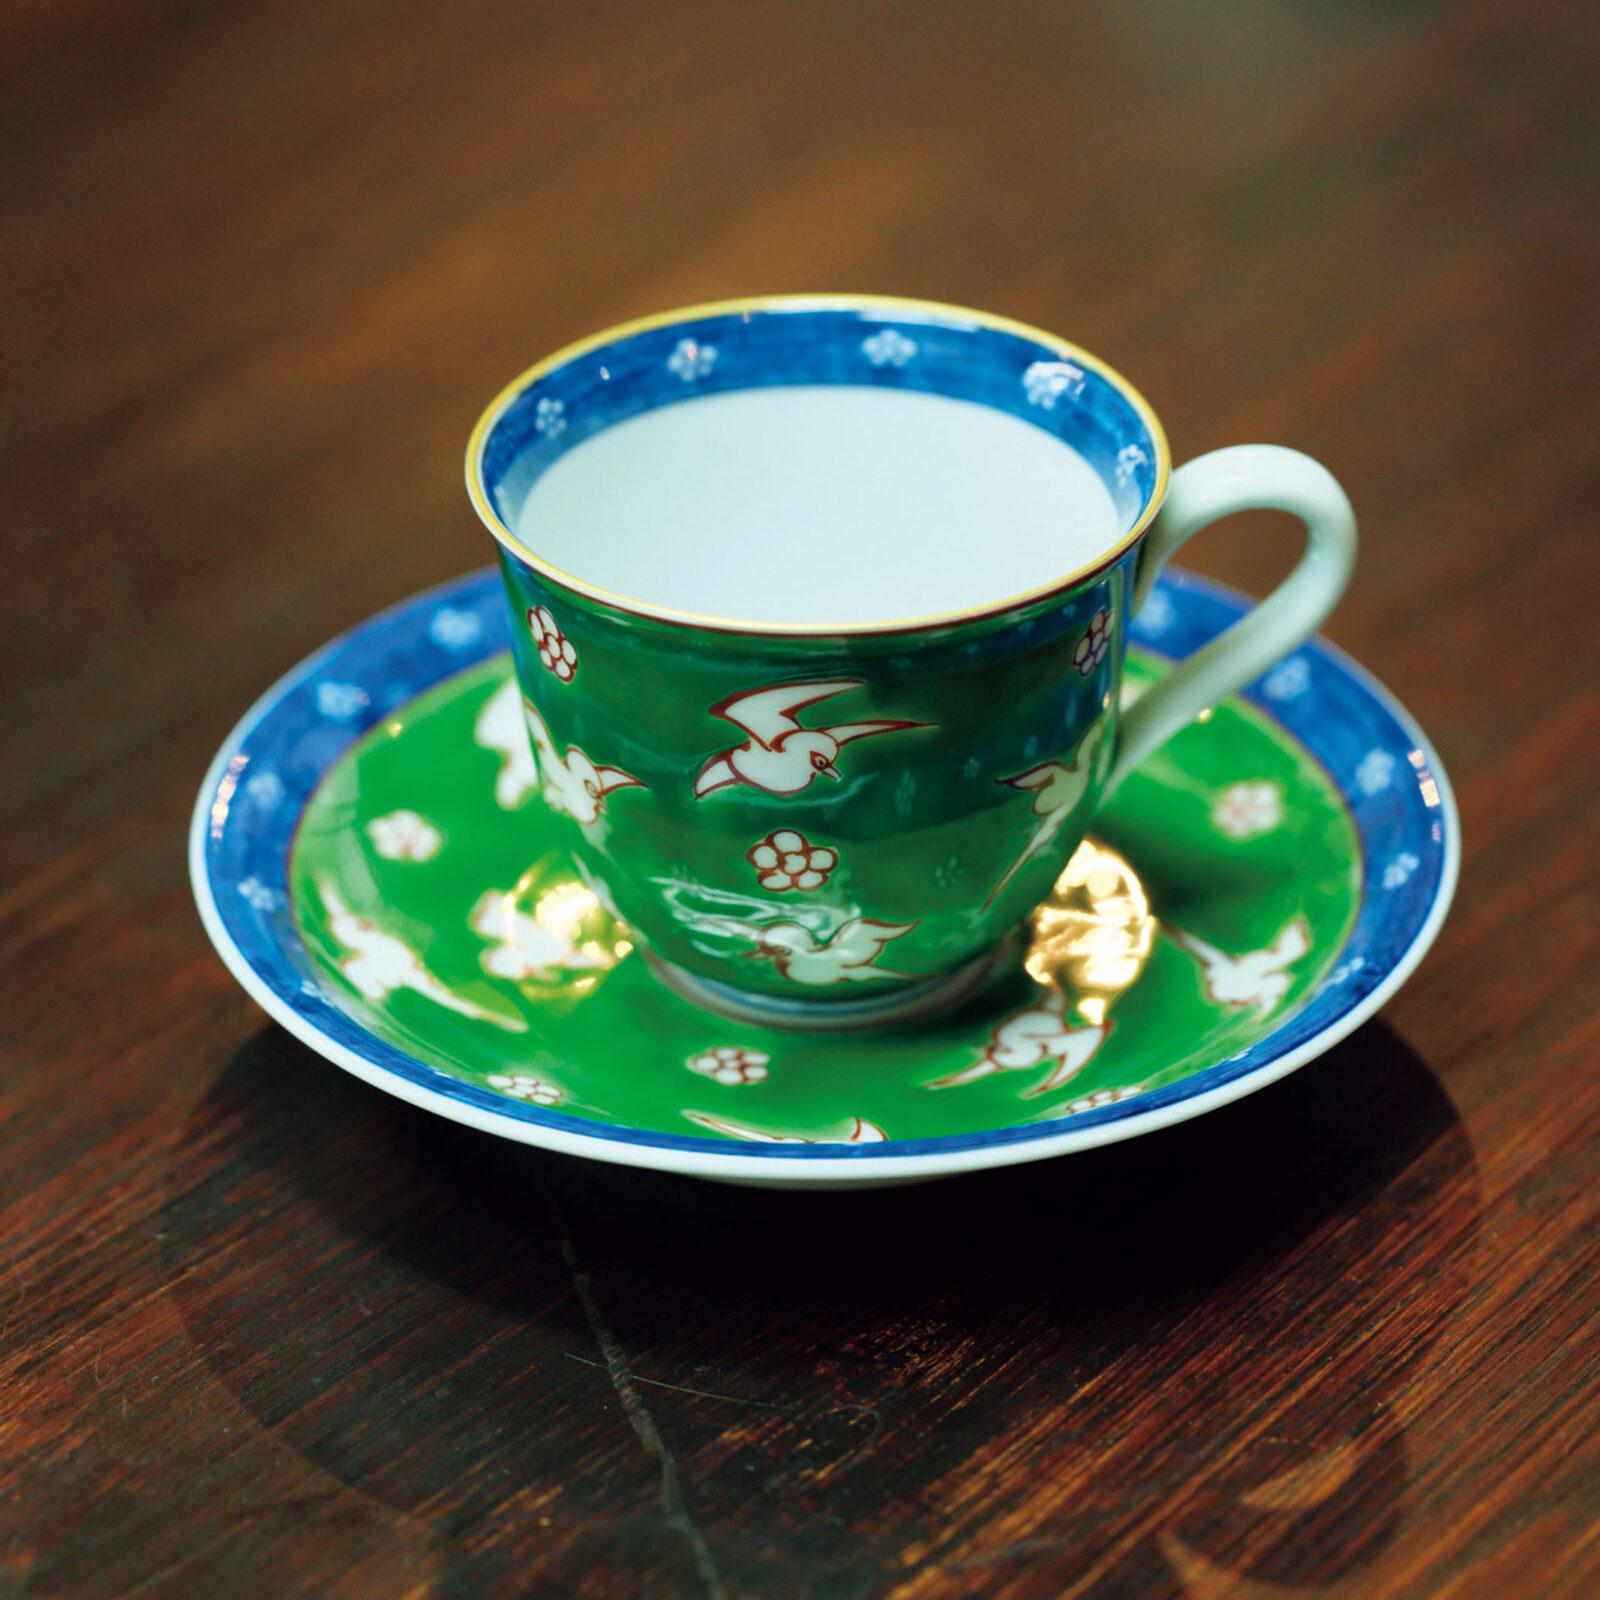 津原泰水(小説家)九谷焼の小ぶりなカップ&ソーサーを色柄違いで何客か持っています。緑色がきれいで、濃いめに落としたコーヒーによく映える。柄も飄々としていて何年使っても飽きません。